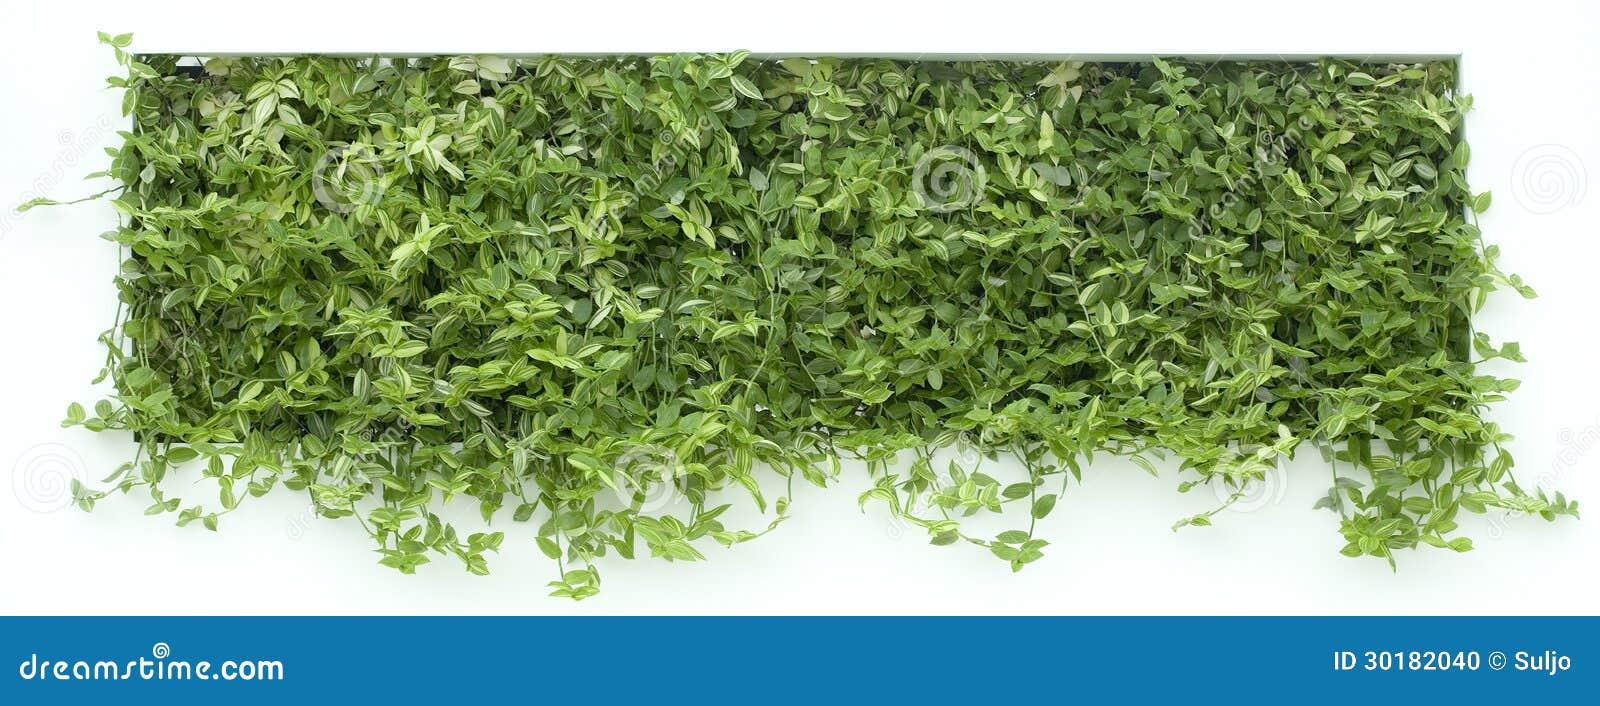 Vertical Garden Cutout Stock Photo Image 30182040